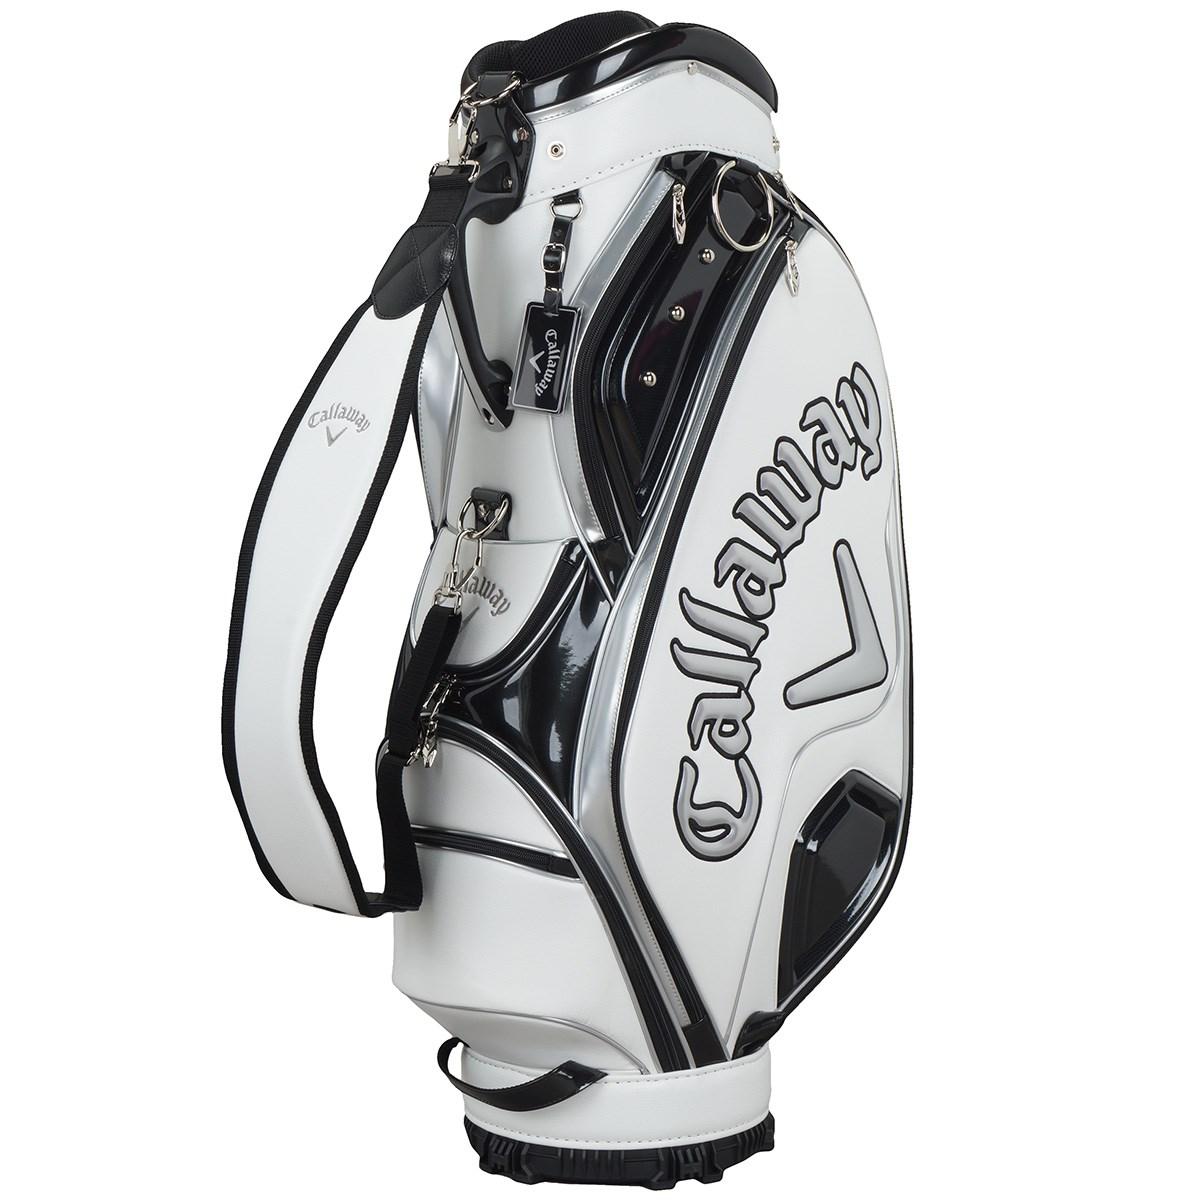 キャロウェイゴルフ(Callaway Golf) CRT EXIA キャディバッグ 18JM